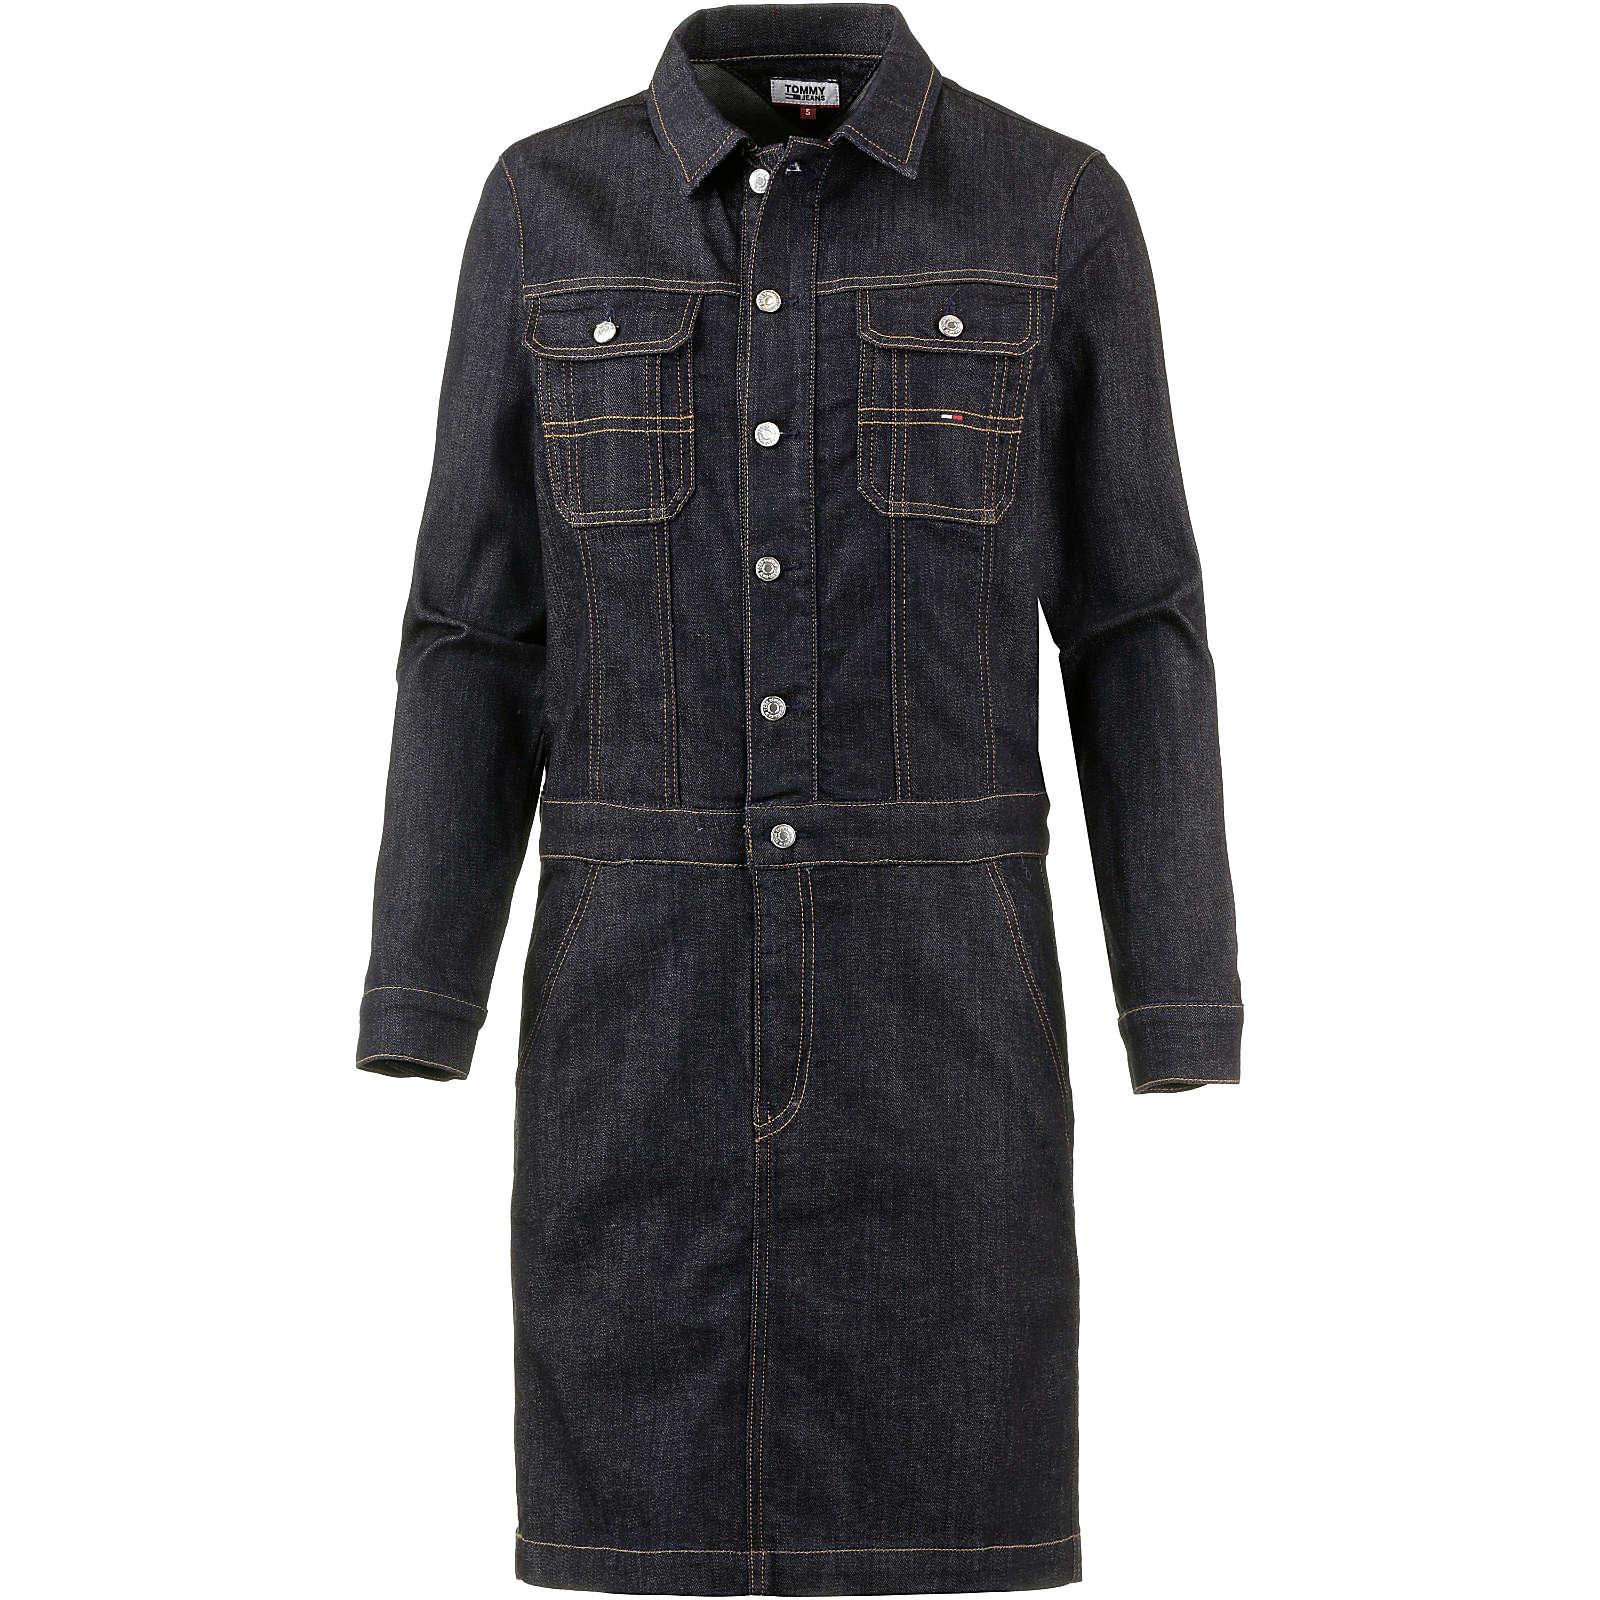 Tommy Jeans Jeanskleid Jeanskleider blau Damen Gr. 40